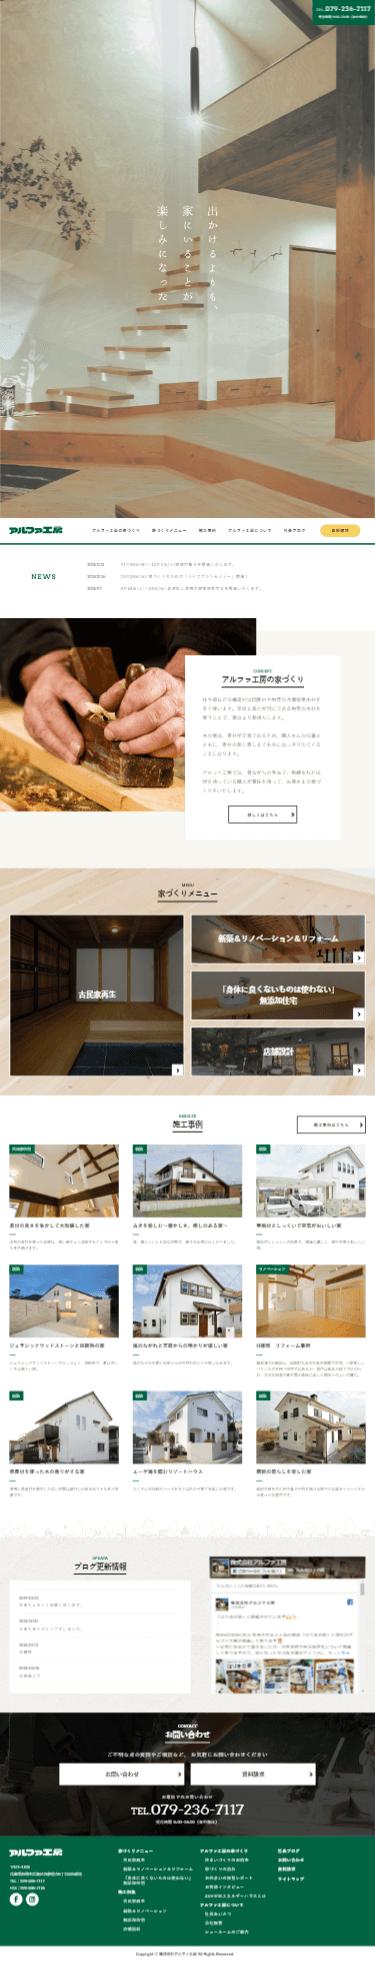 姫路市 株式会社アルファ工房 ホームページ制作3